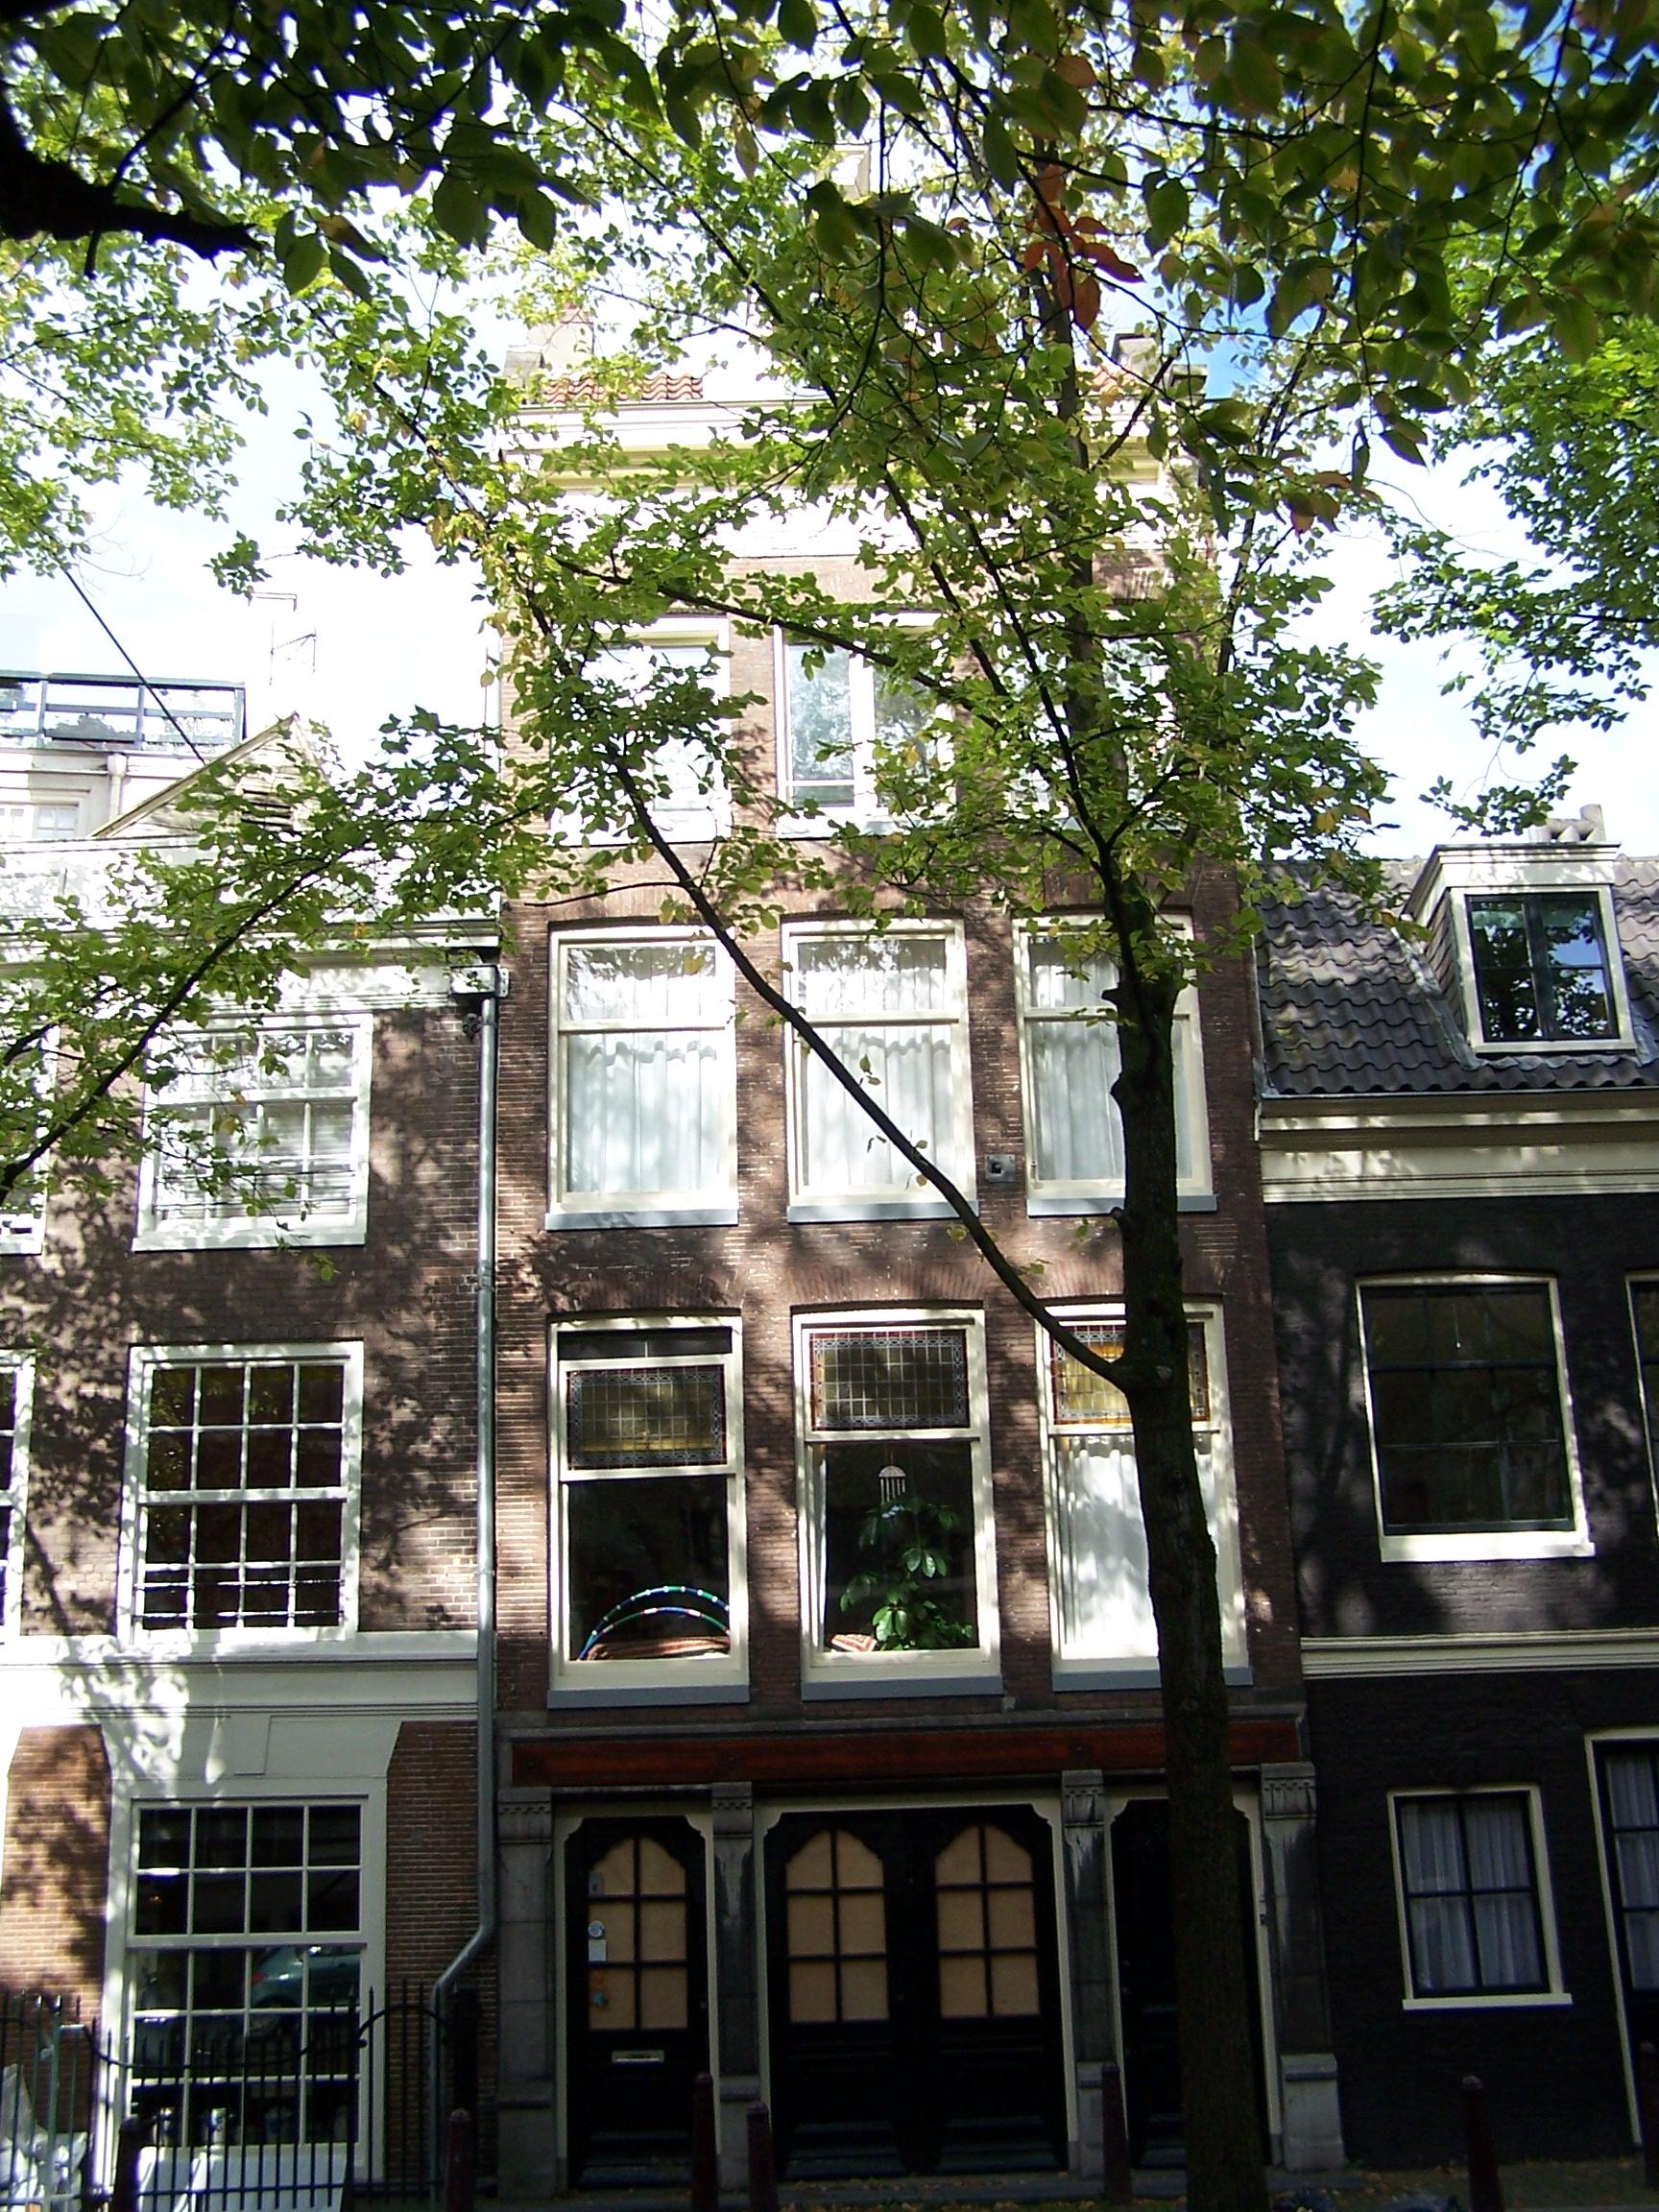 Huis met gevel onder rechte lijst met consoles waarboven dwars dakje met dakkapel in amsterdam - Huis gevel ...